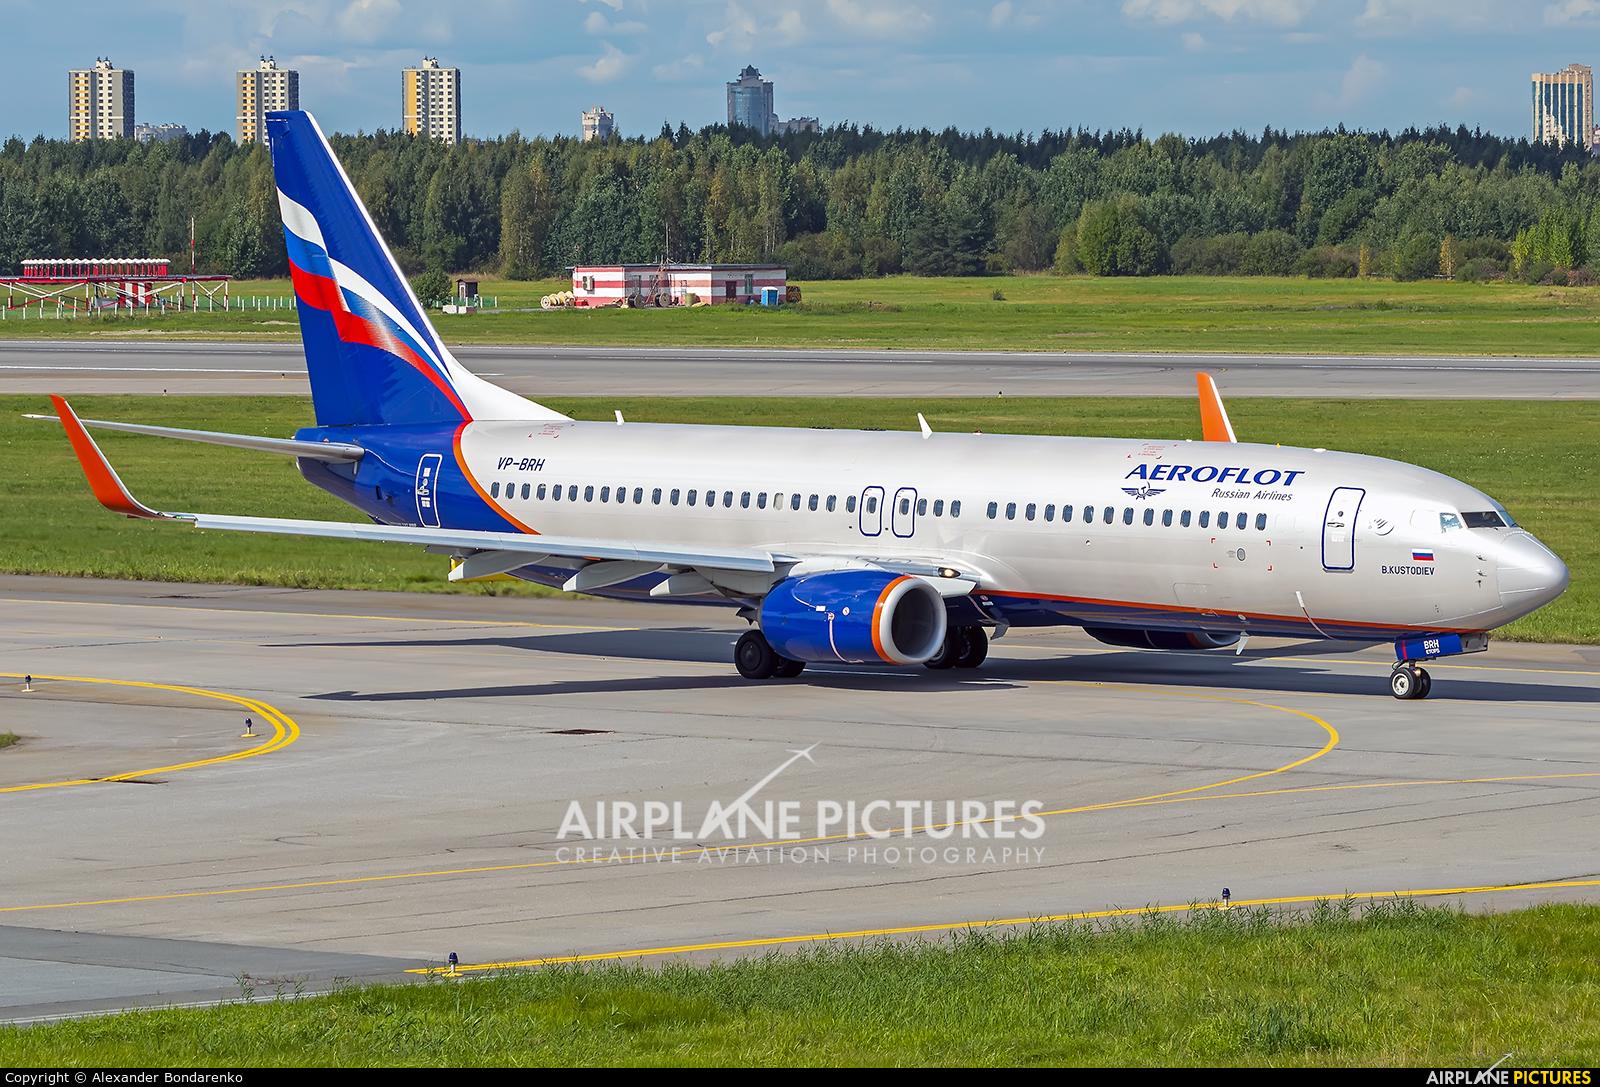 Aeroflot VP-BRH aircraft at St. Petersburg - Pulkovo